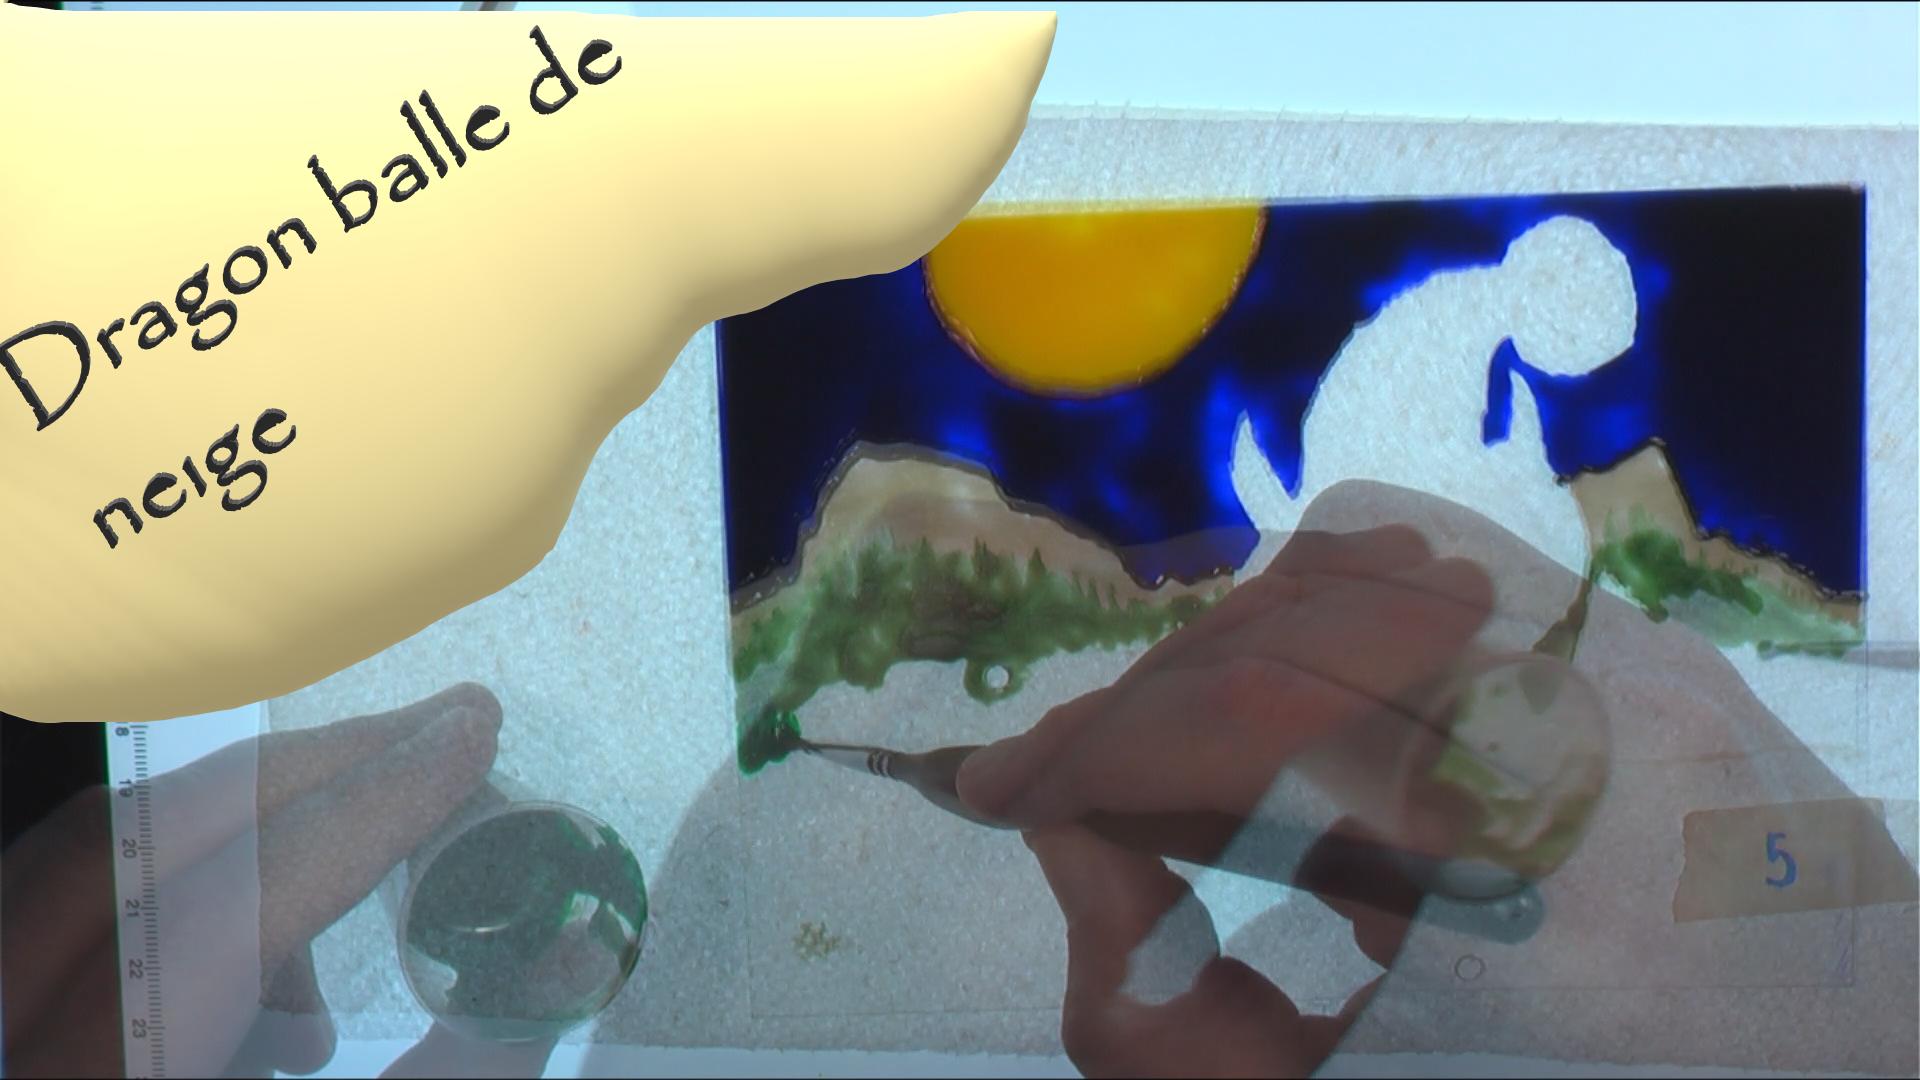 Dragon et balles de neige – Décembre 2020 - Peinture sur acrylique - 13 x 18 cm